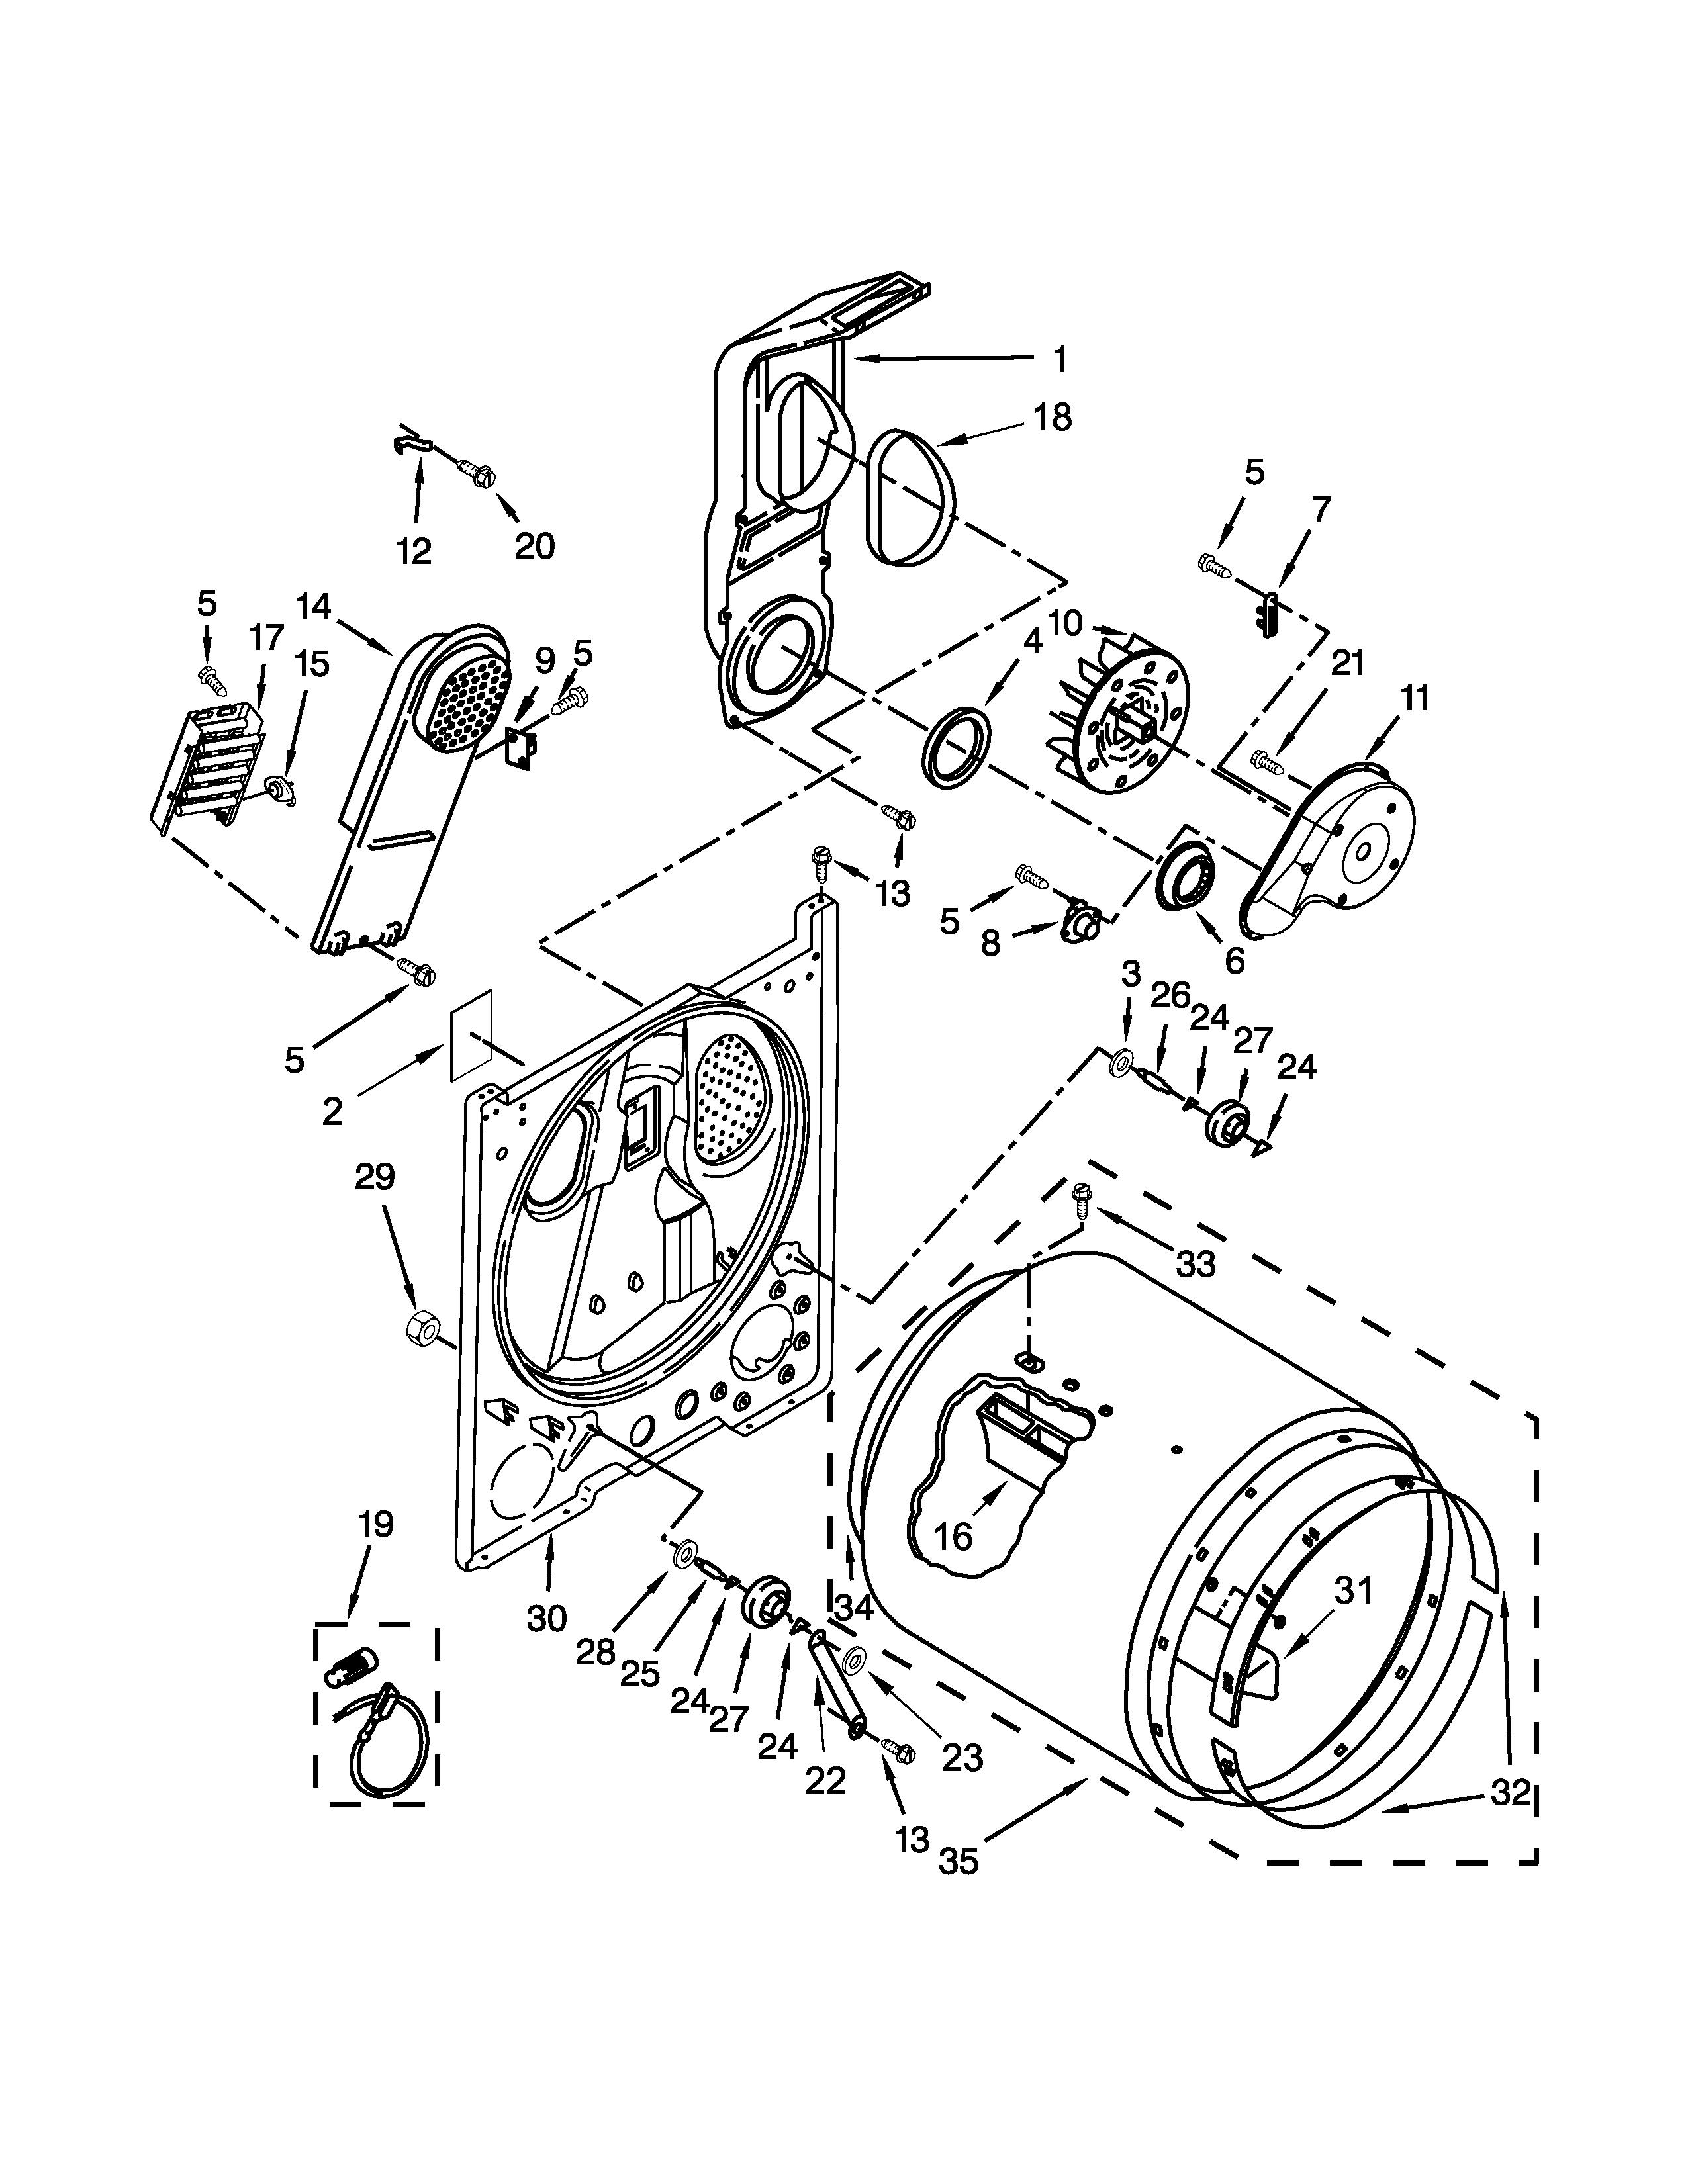 whirlpool model wed4800bq1 residential dryer genuine parts